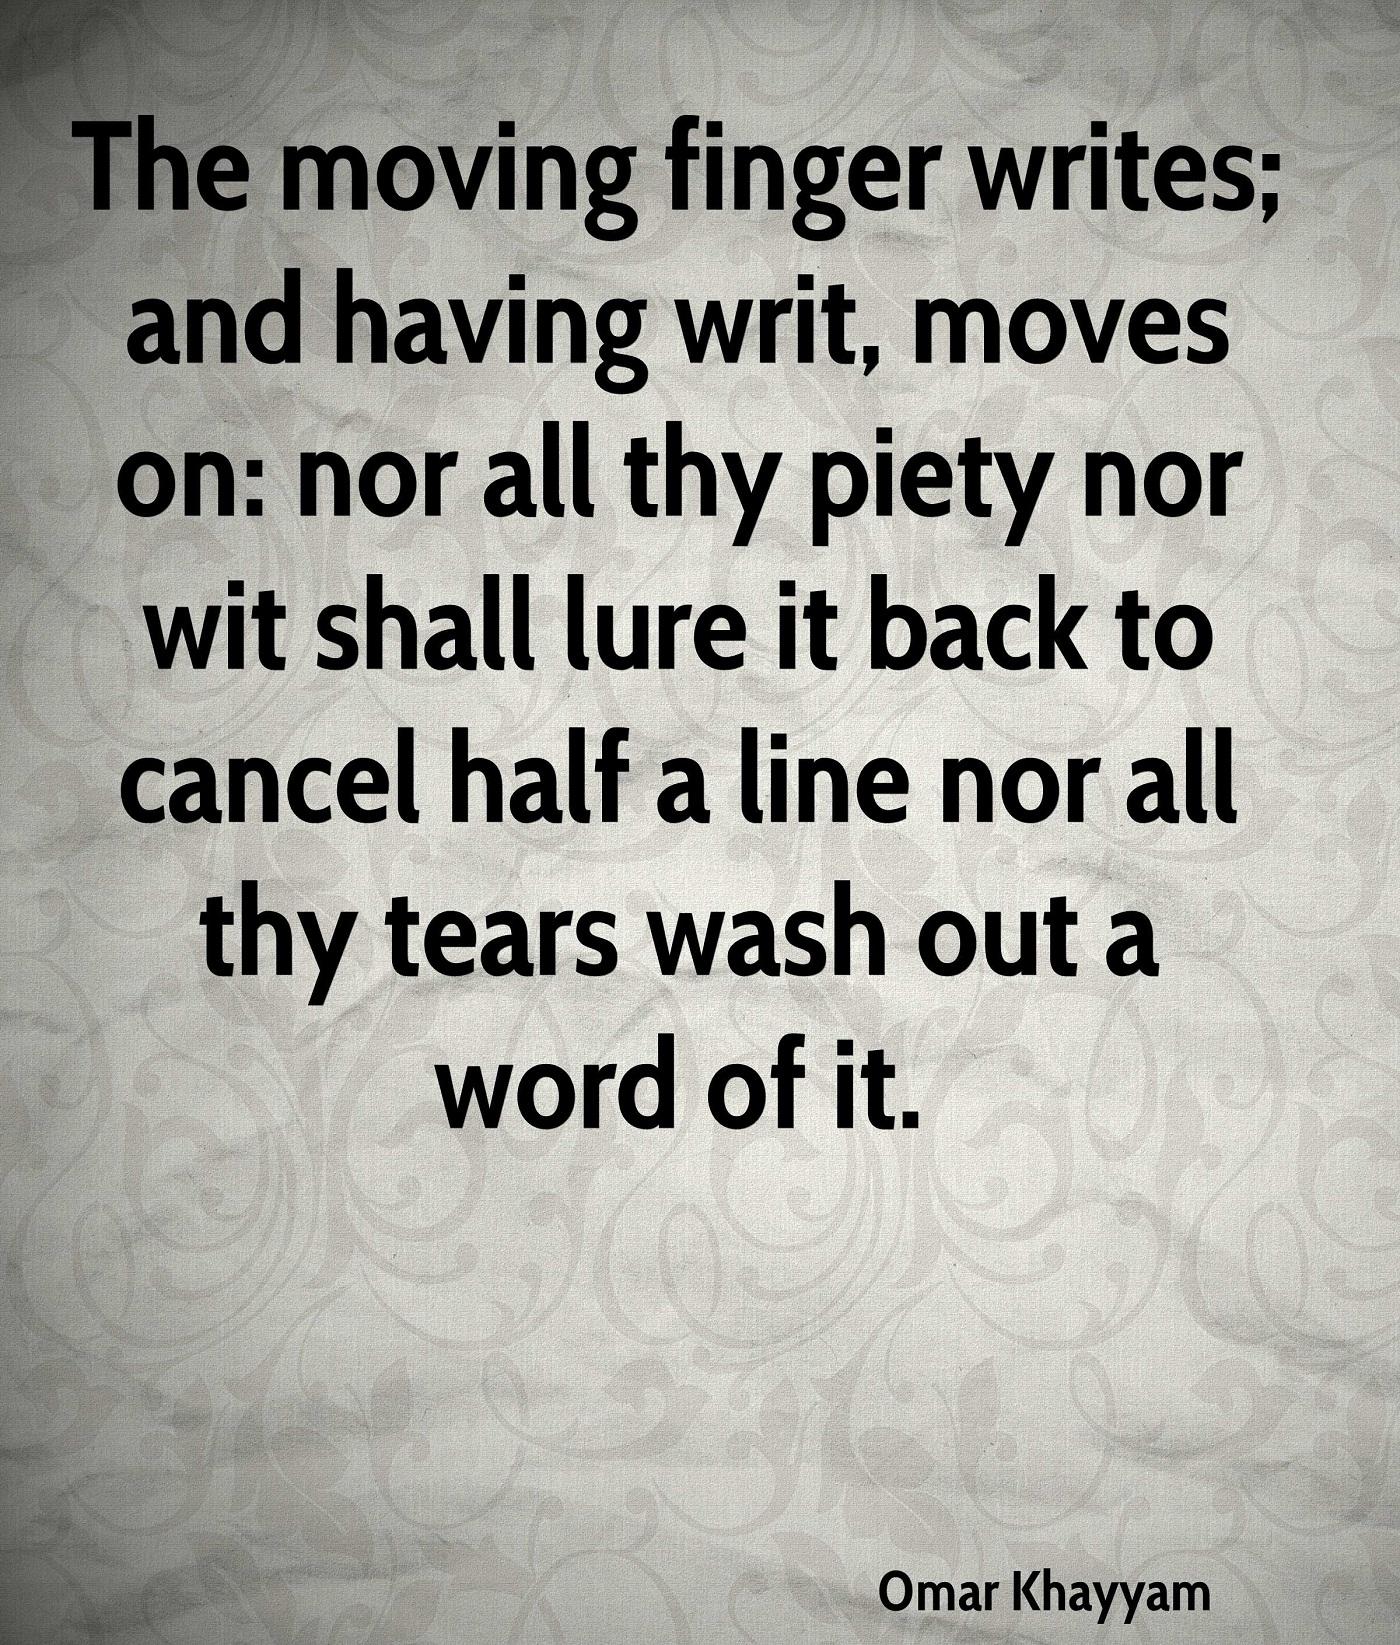 The Moving Finger Writes By Omar Khayyam